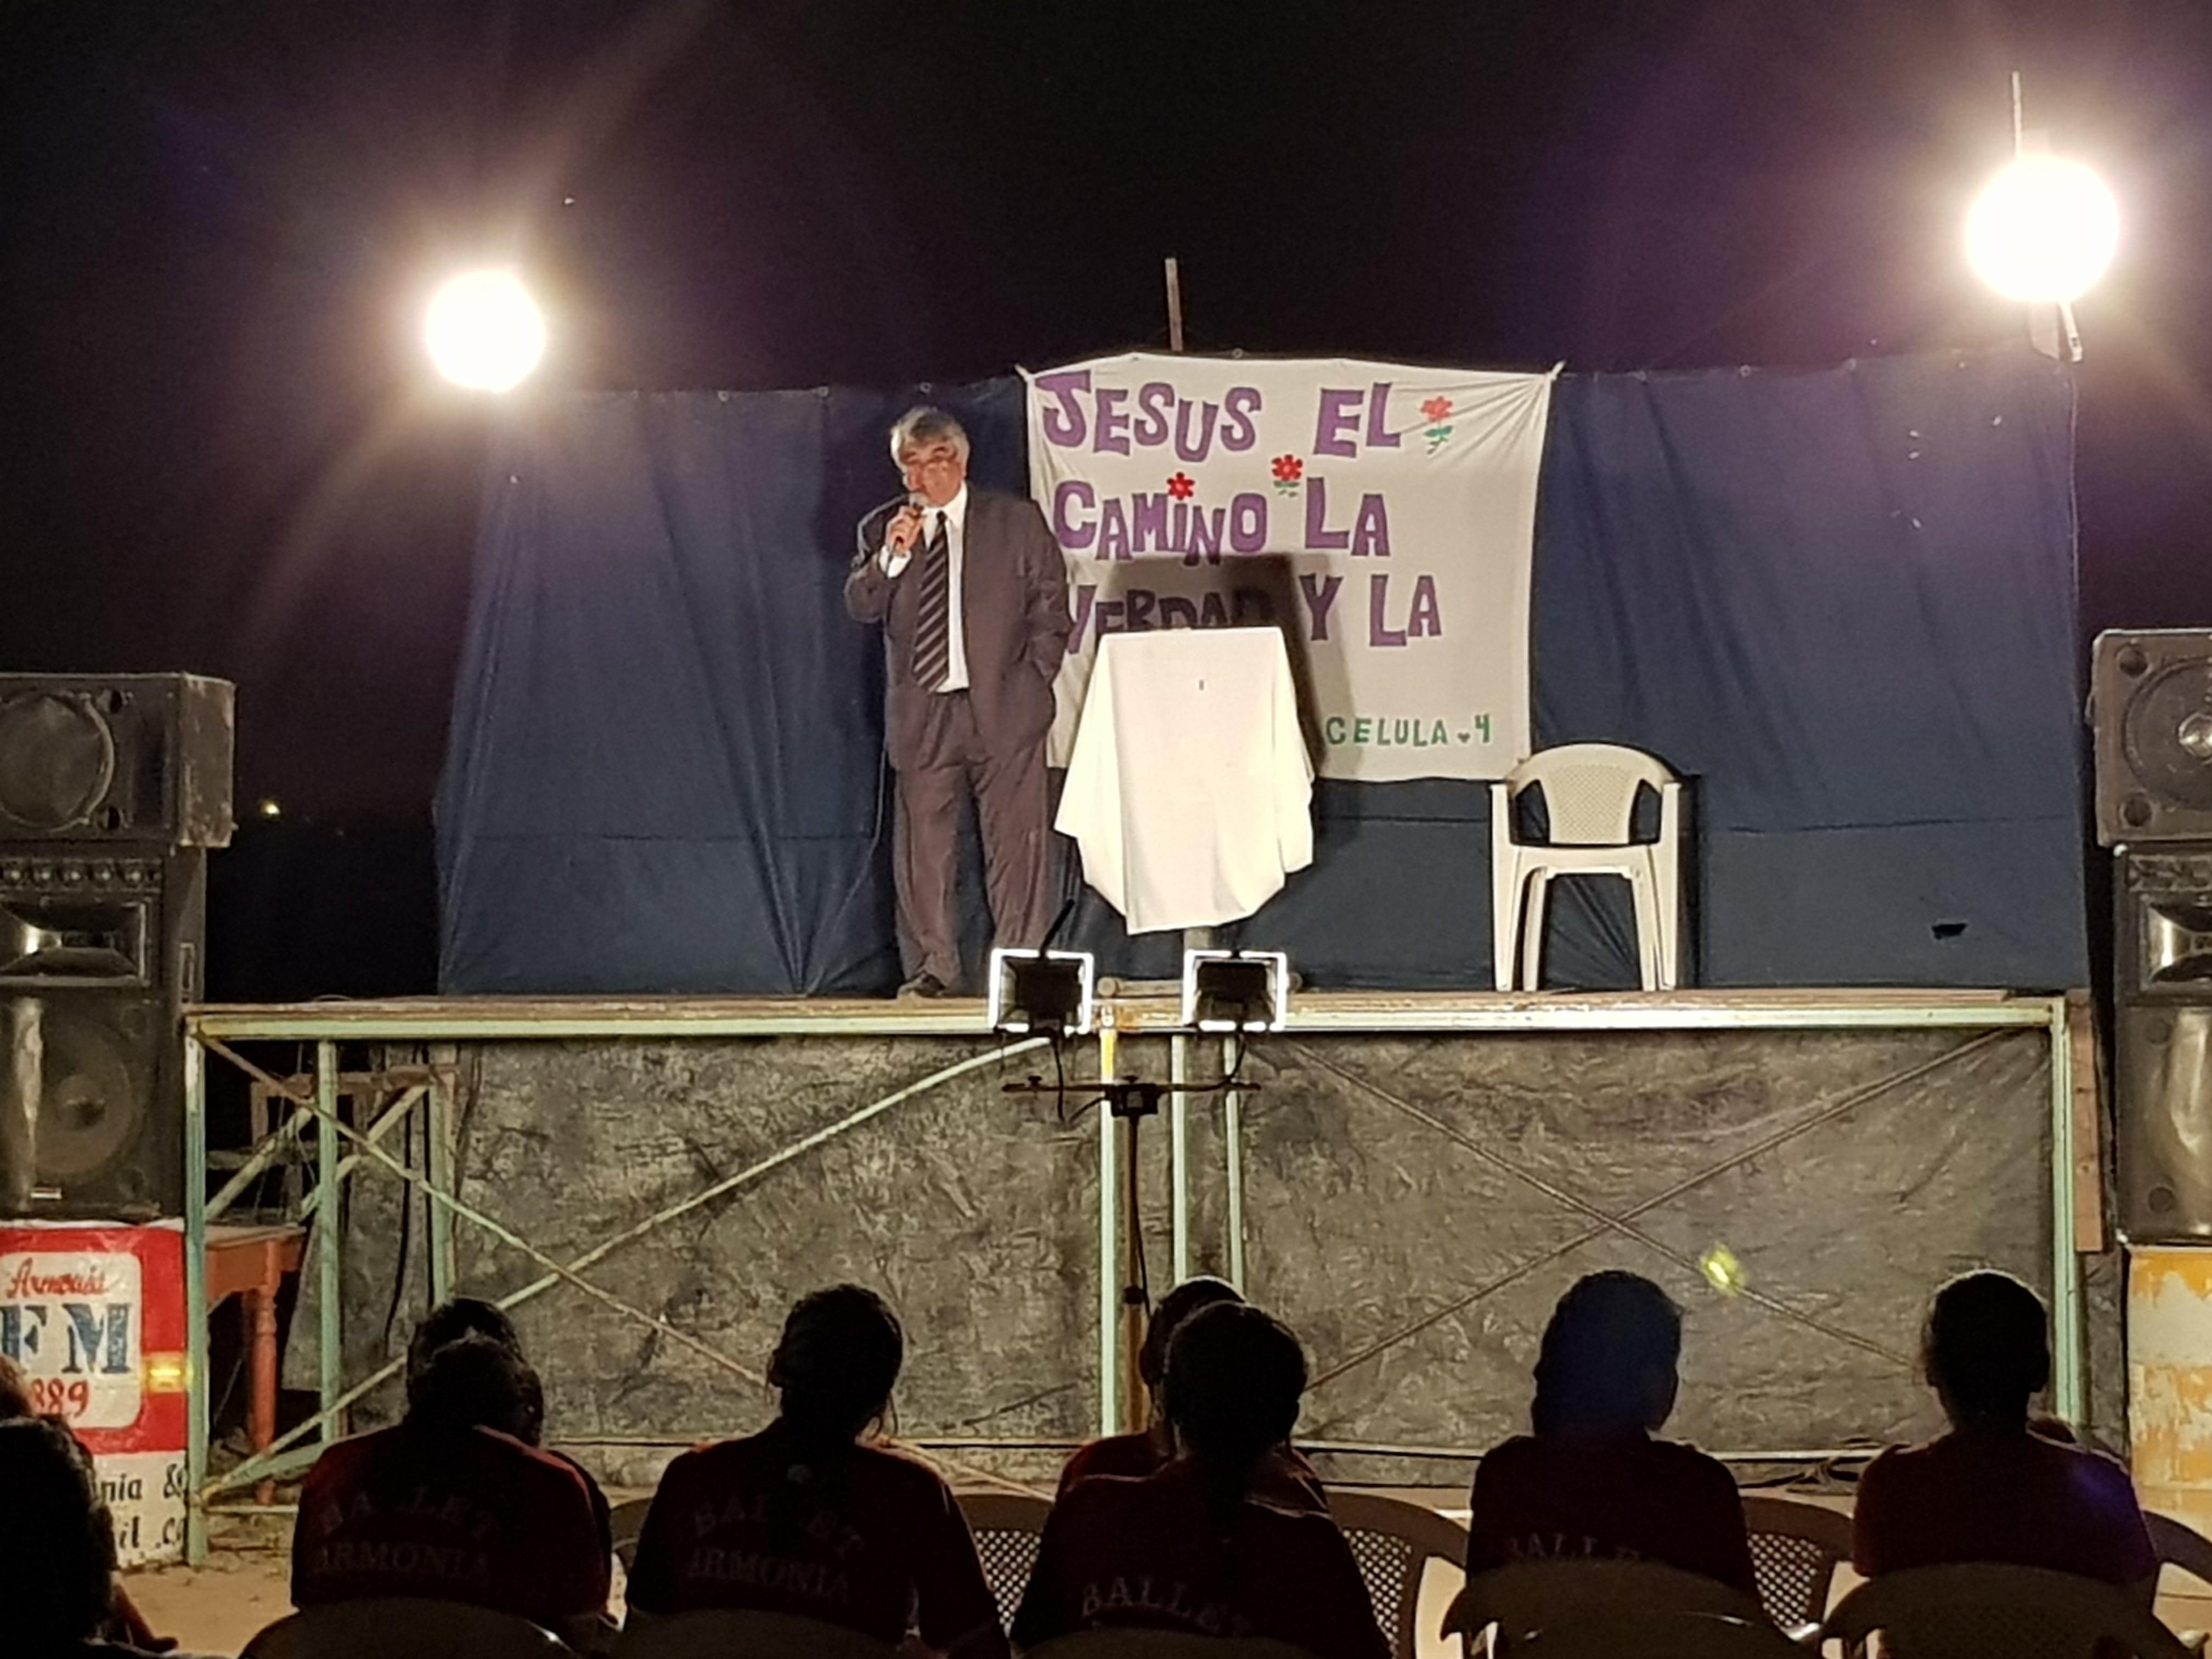 evangelizacion-parque-las-vegas